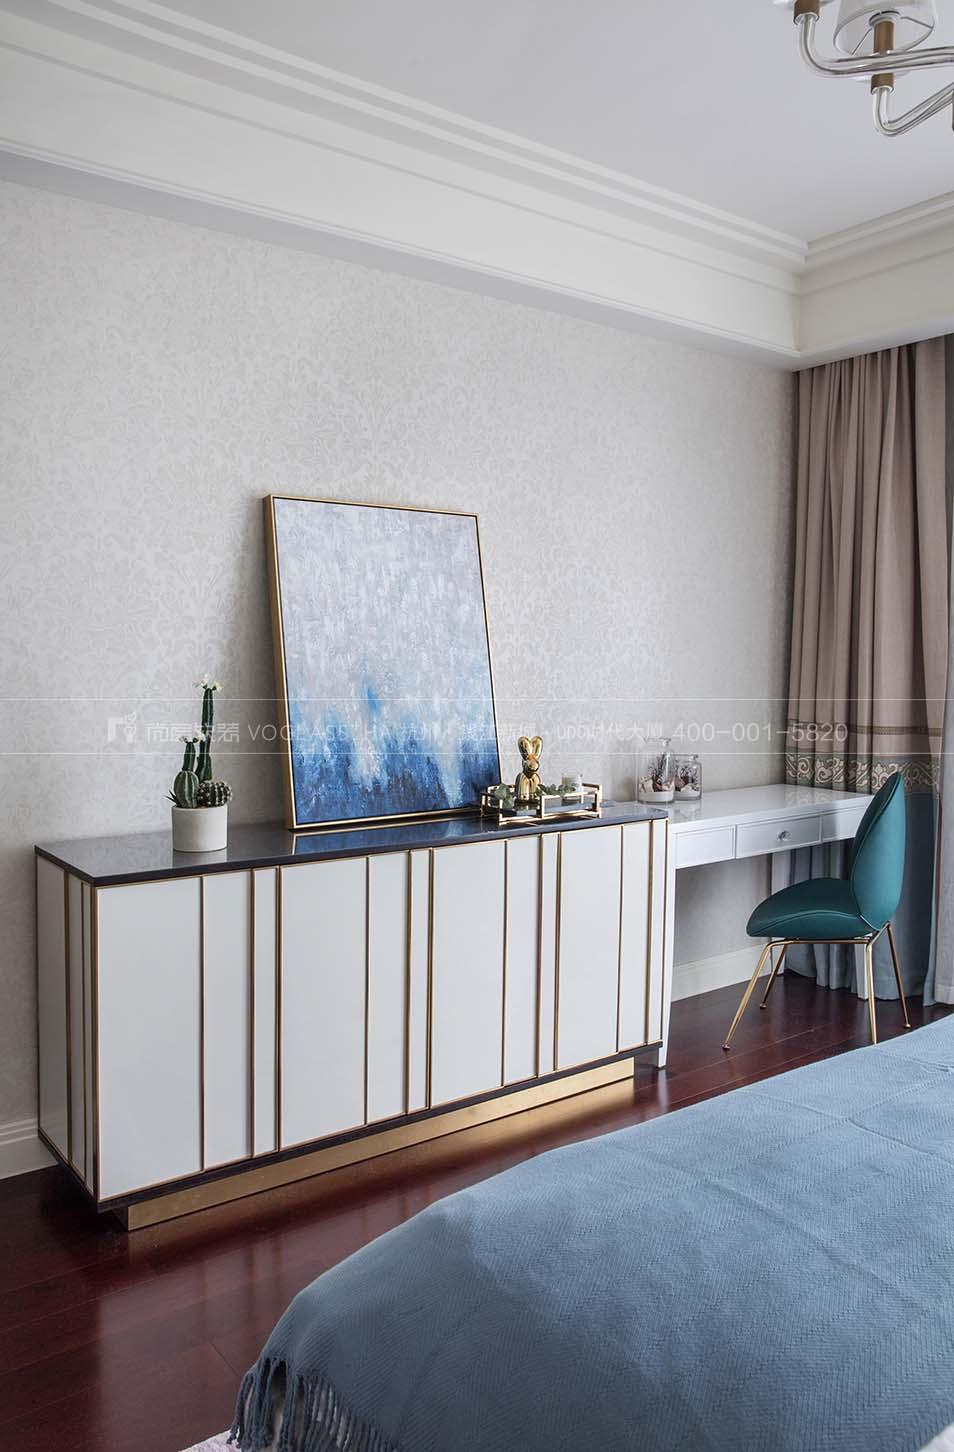 室内软装效果图展示-杭州尚层软装